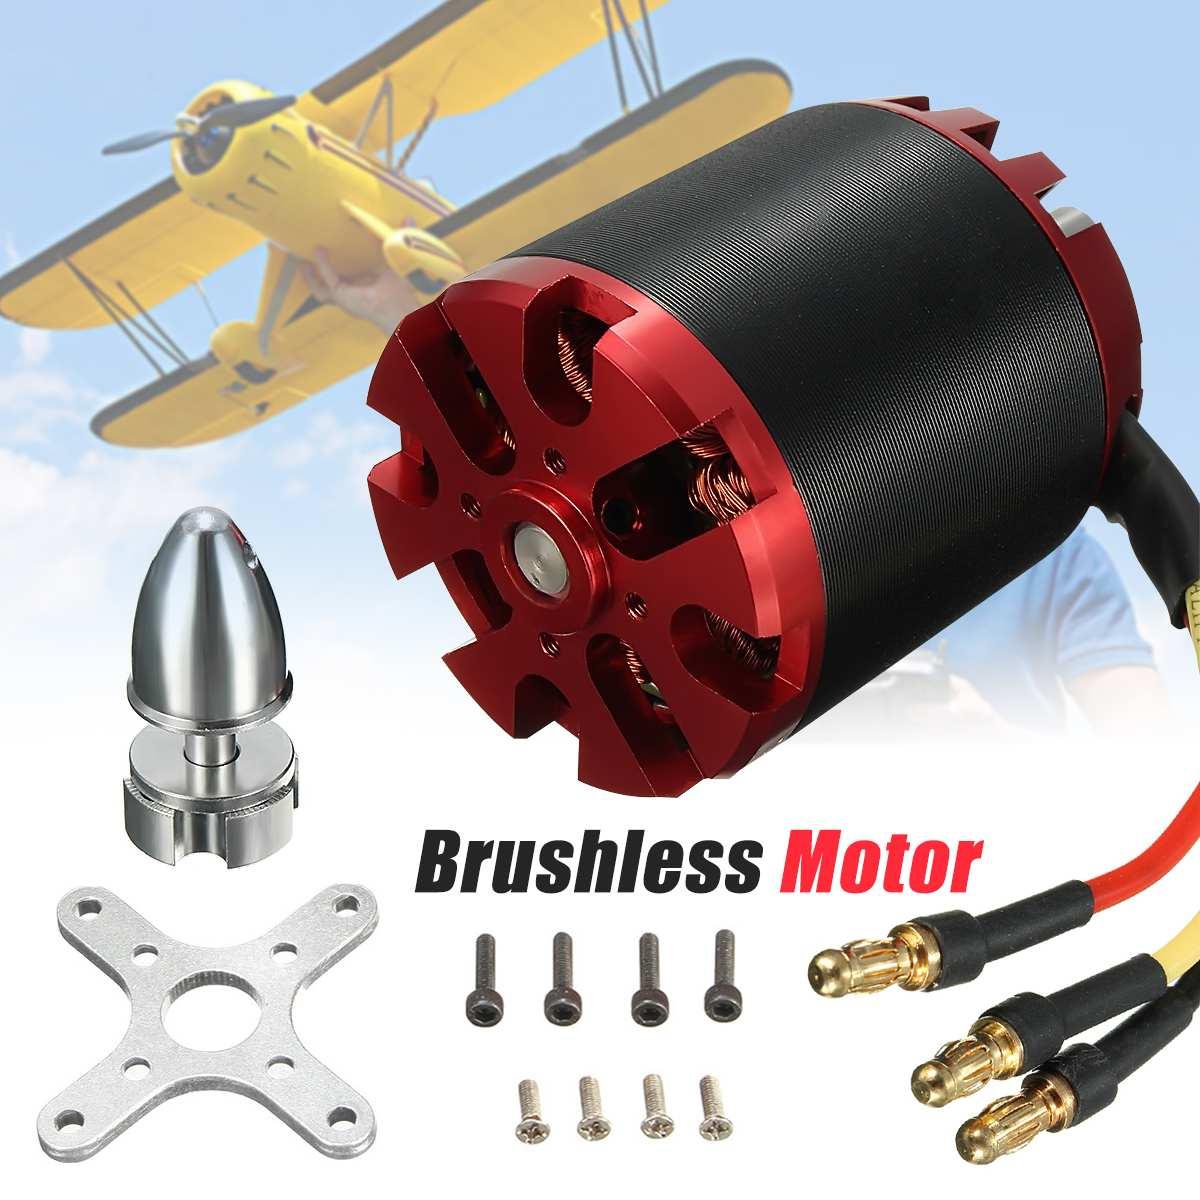 Bricolage 270KV N5065 5065 Kit moteur Brushless pour planche à roulettes électrique Scooter Multicopter E vélo e-car moteur partie accessoires ensemble